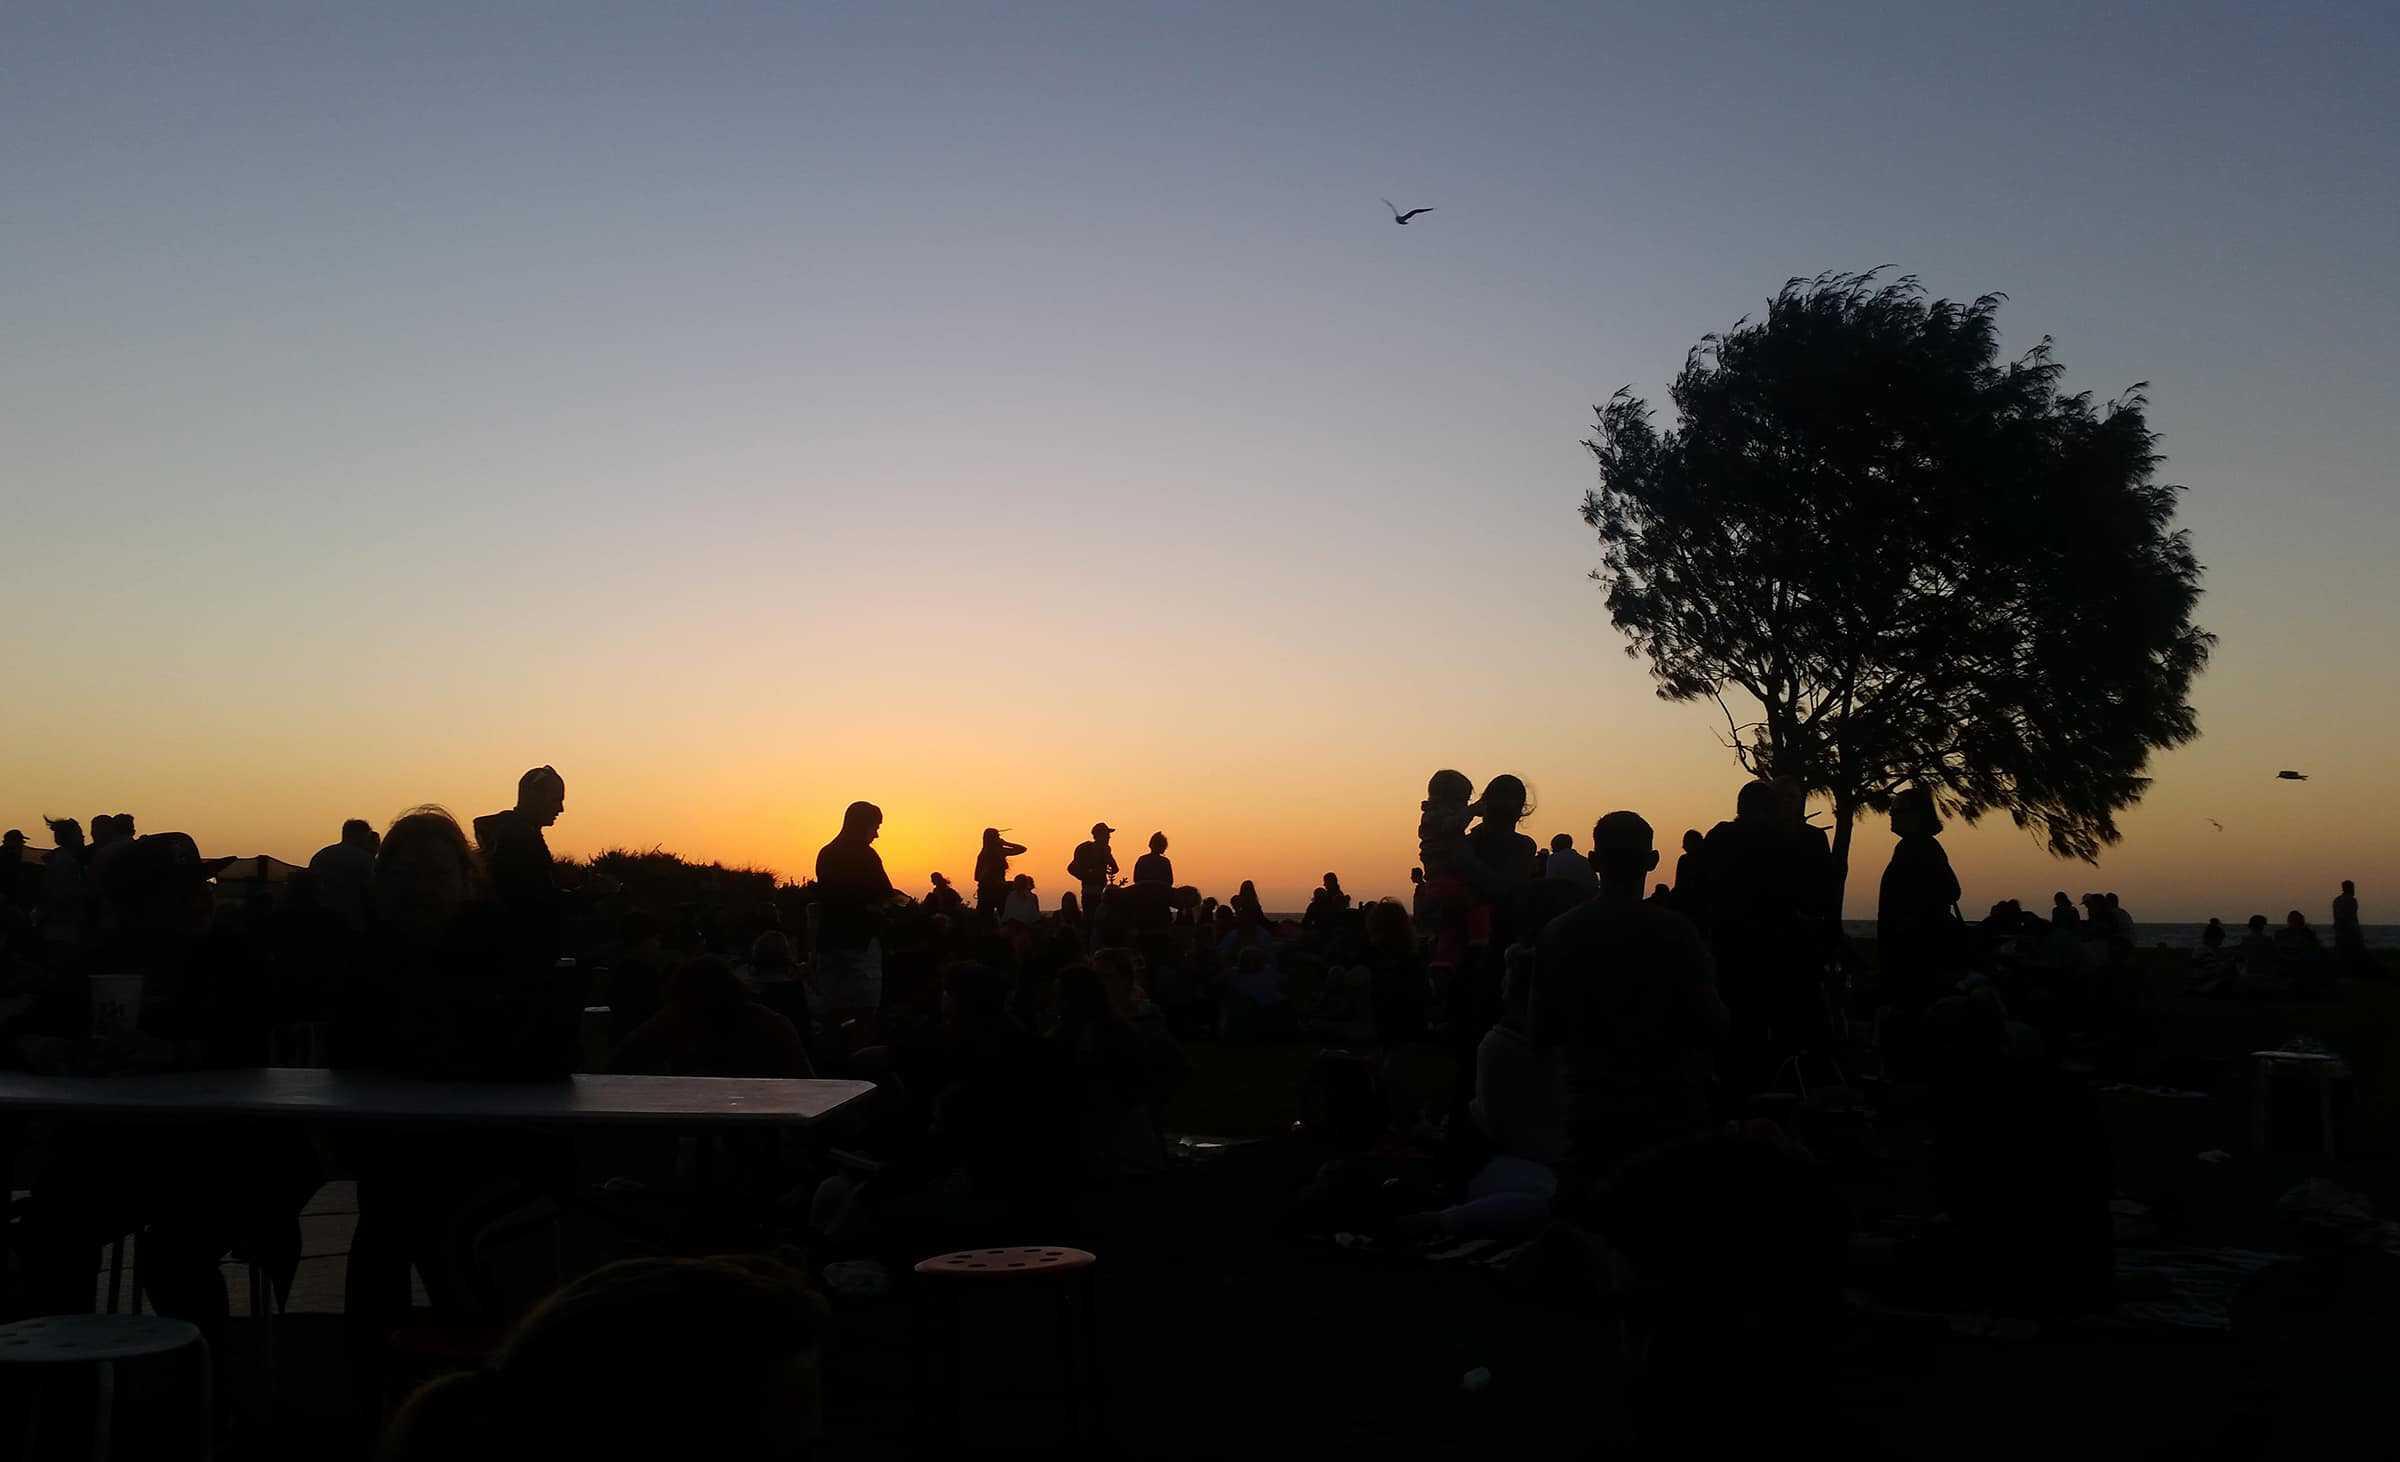 Late uurtjes van het vrijdagavond festival in Freo